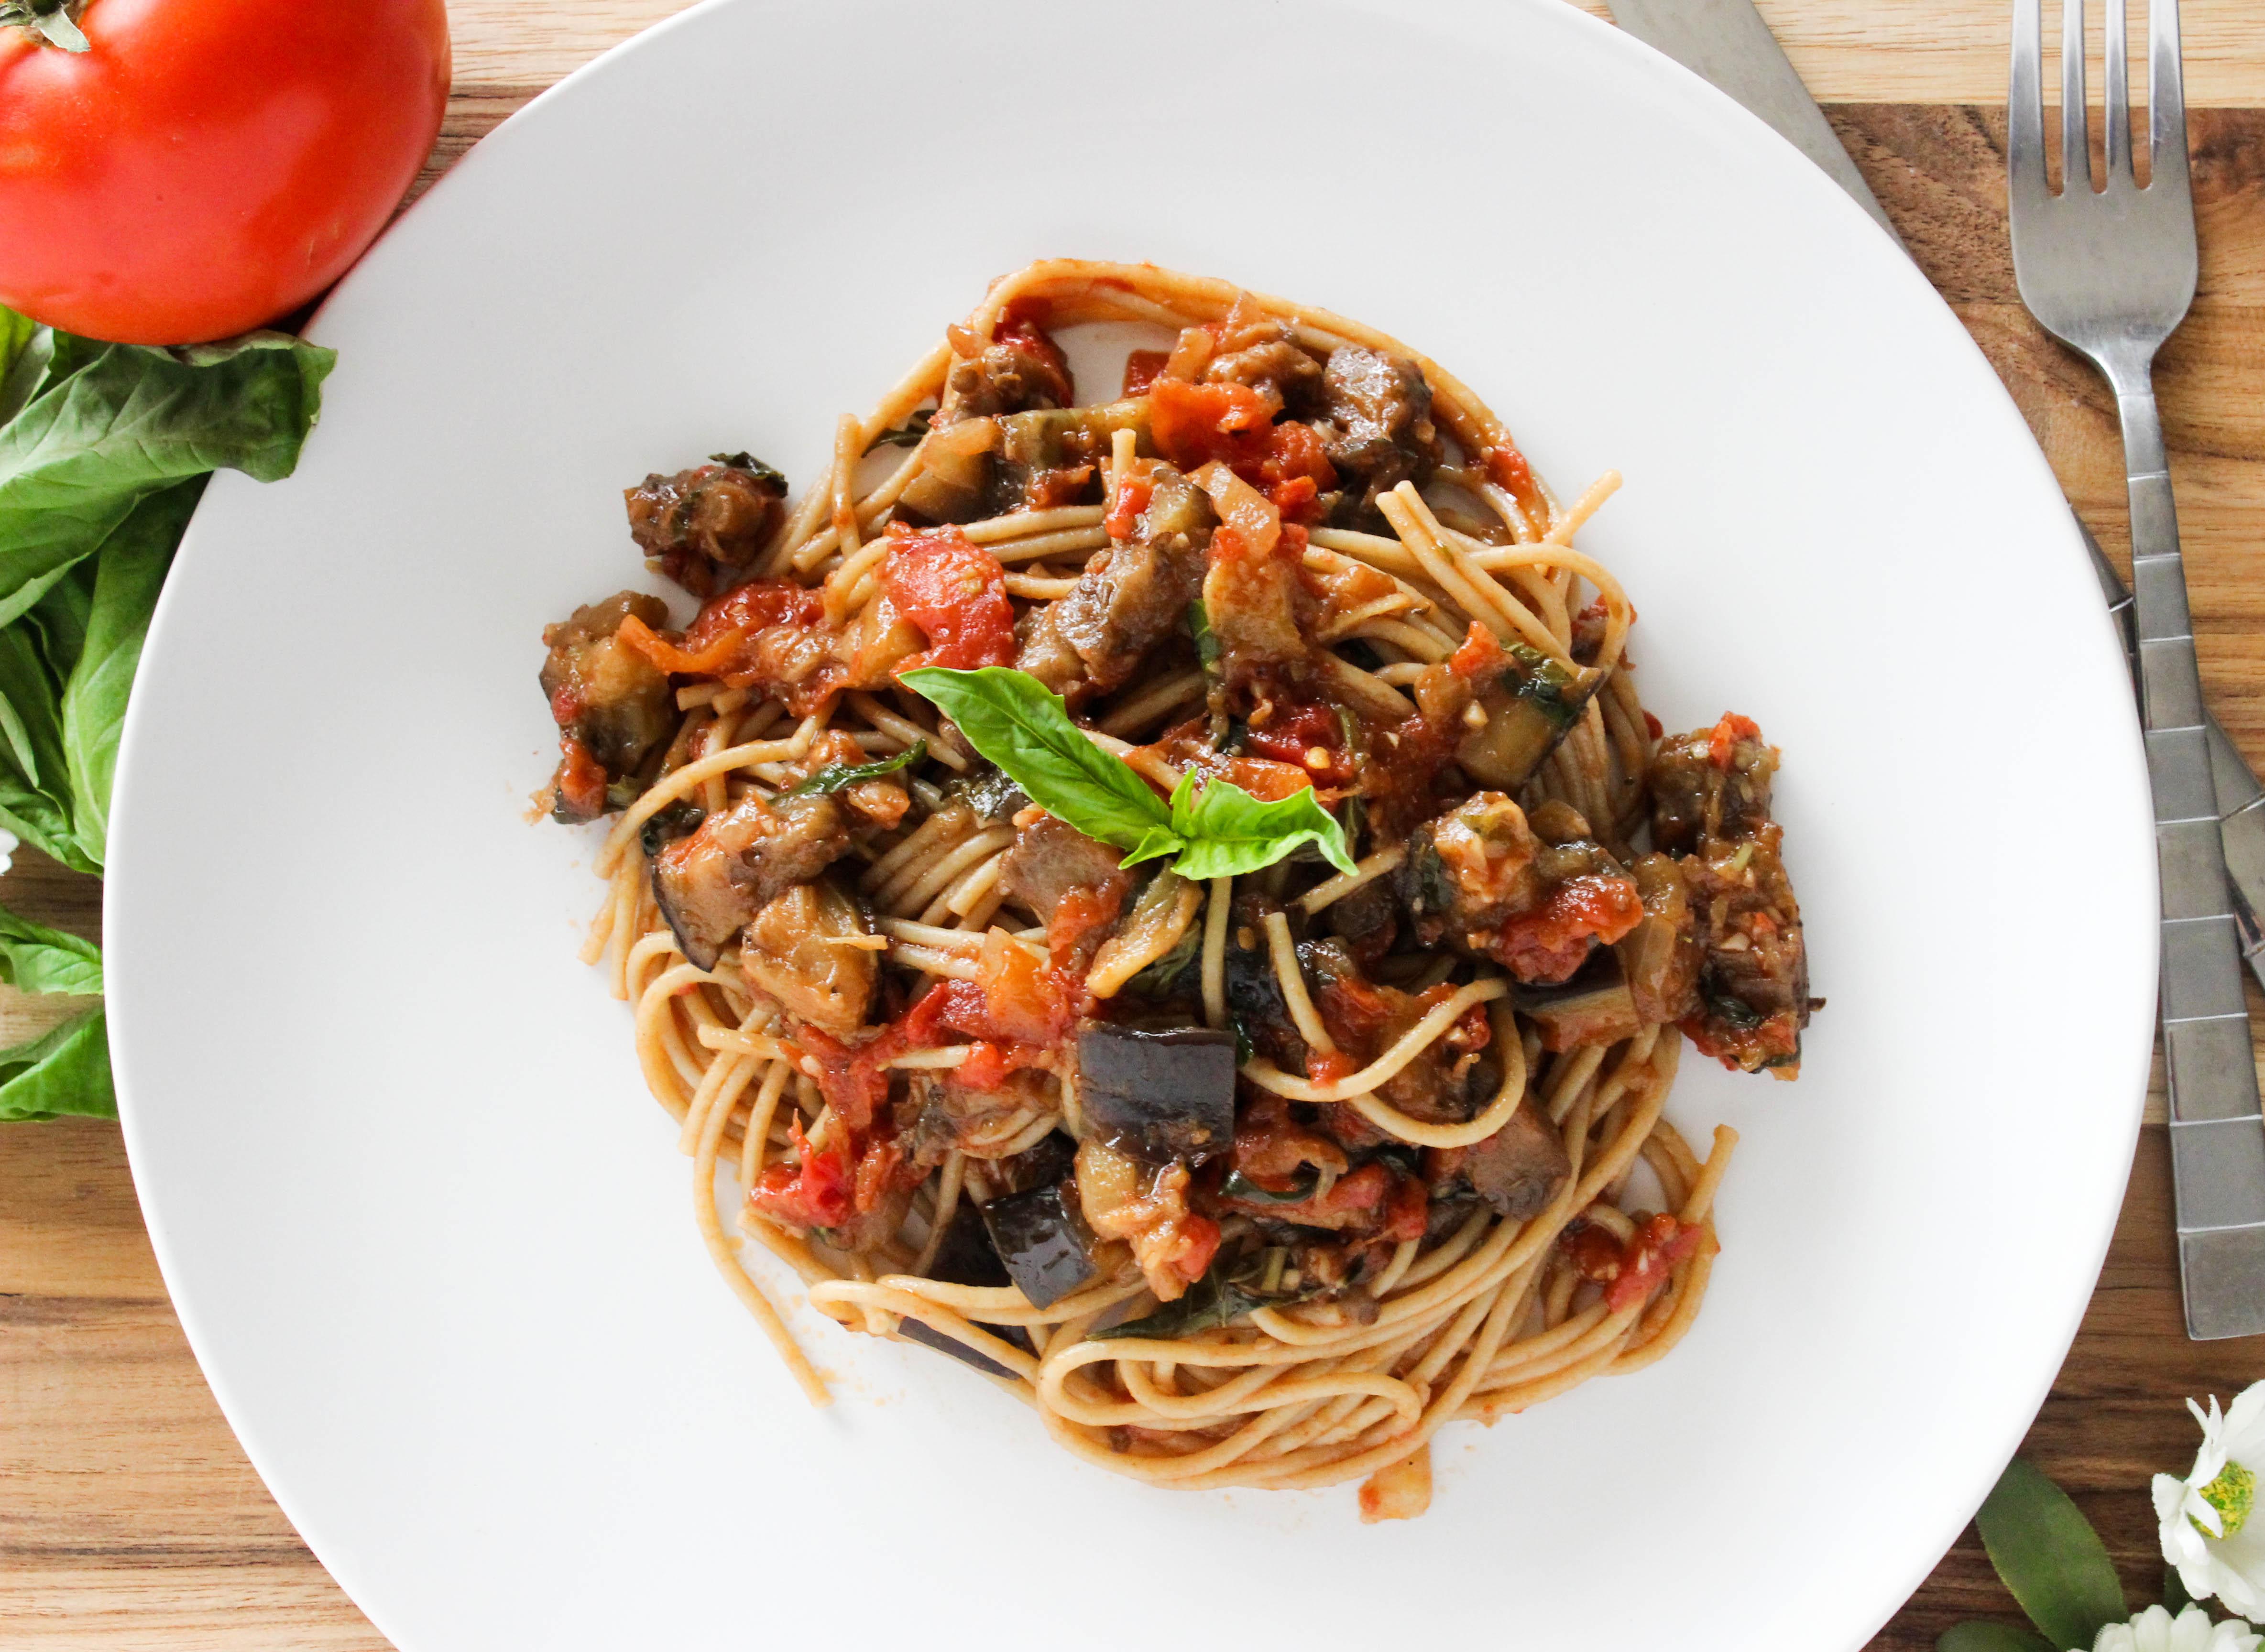 Pasta alla Norma – Eggplant Tomato Pasta